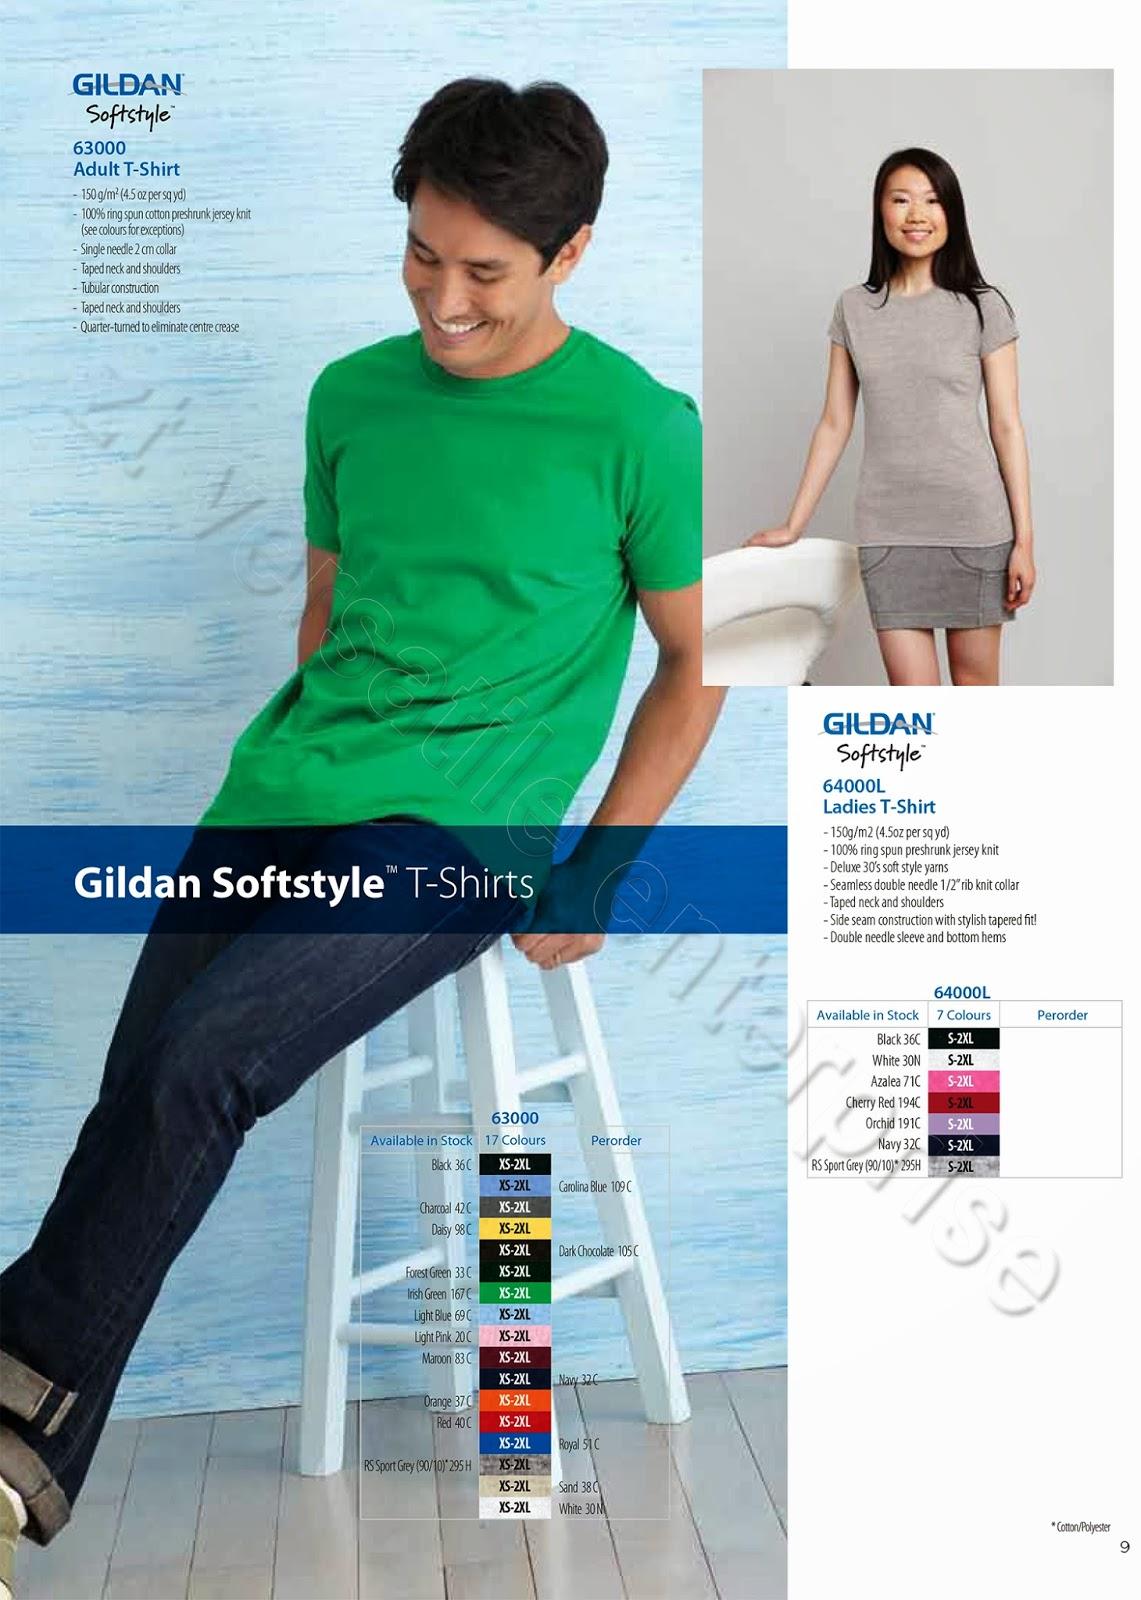 Gildan Softstyle 63000 Kaos Polos Original Carolina Blue Daftar Xs S M L Xl Charcoal Source Thank